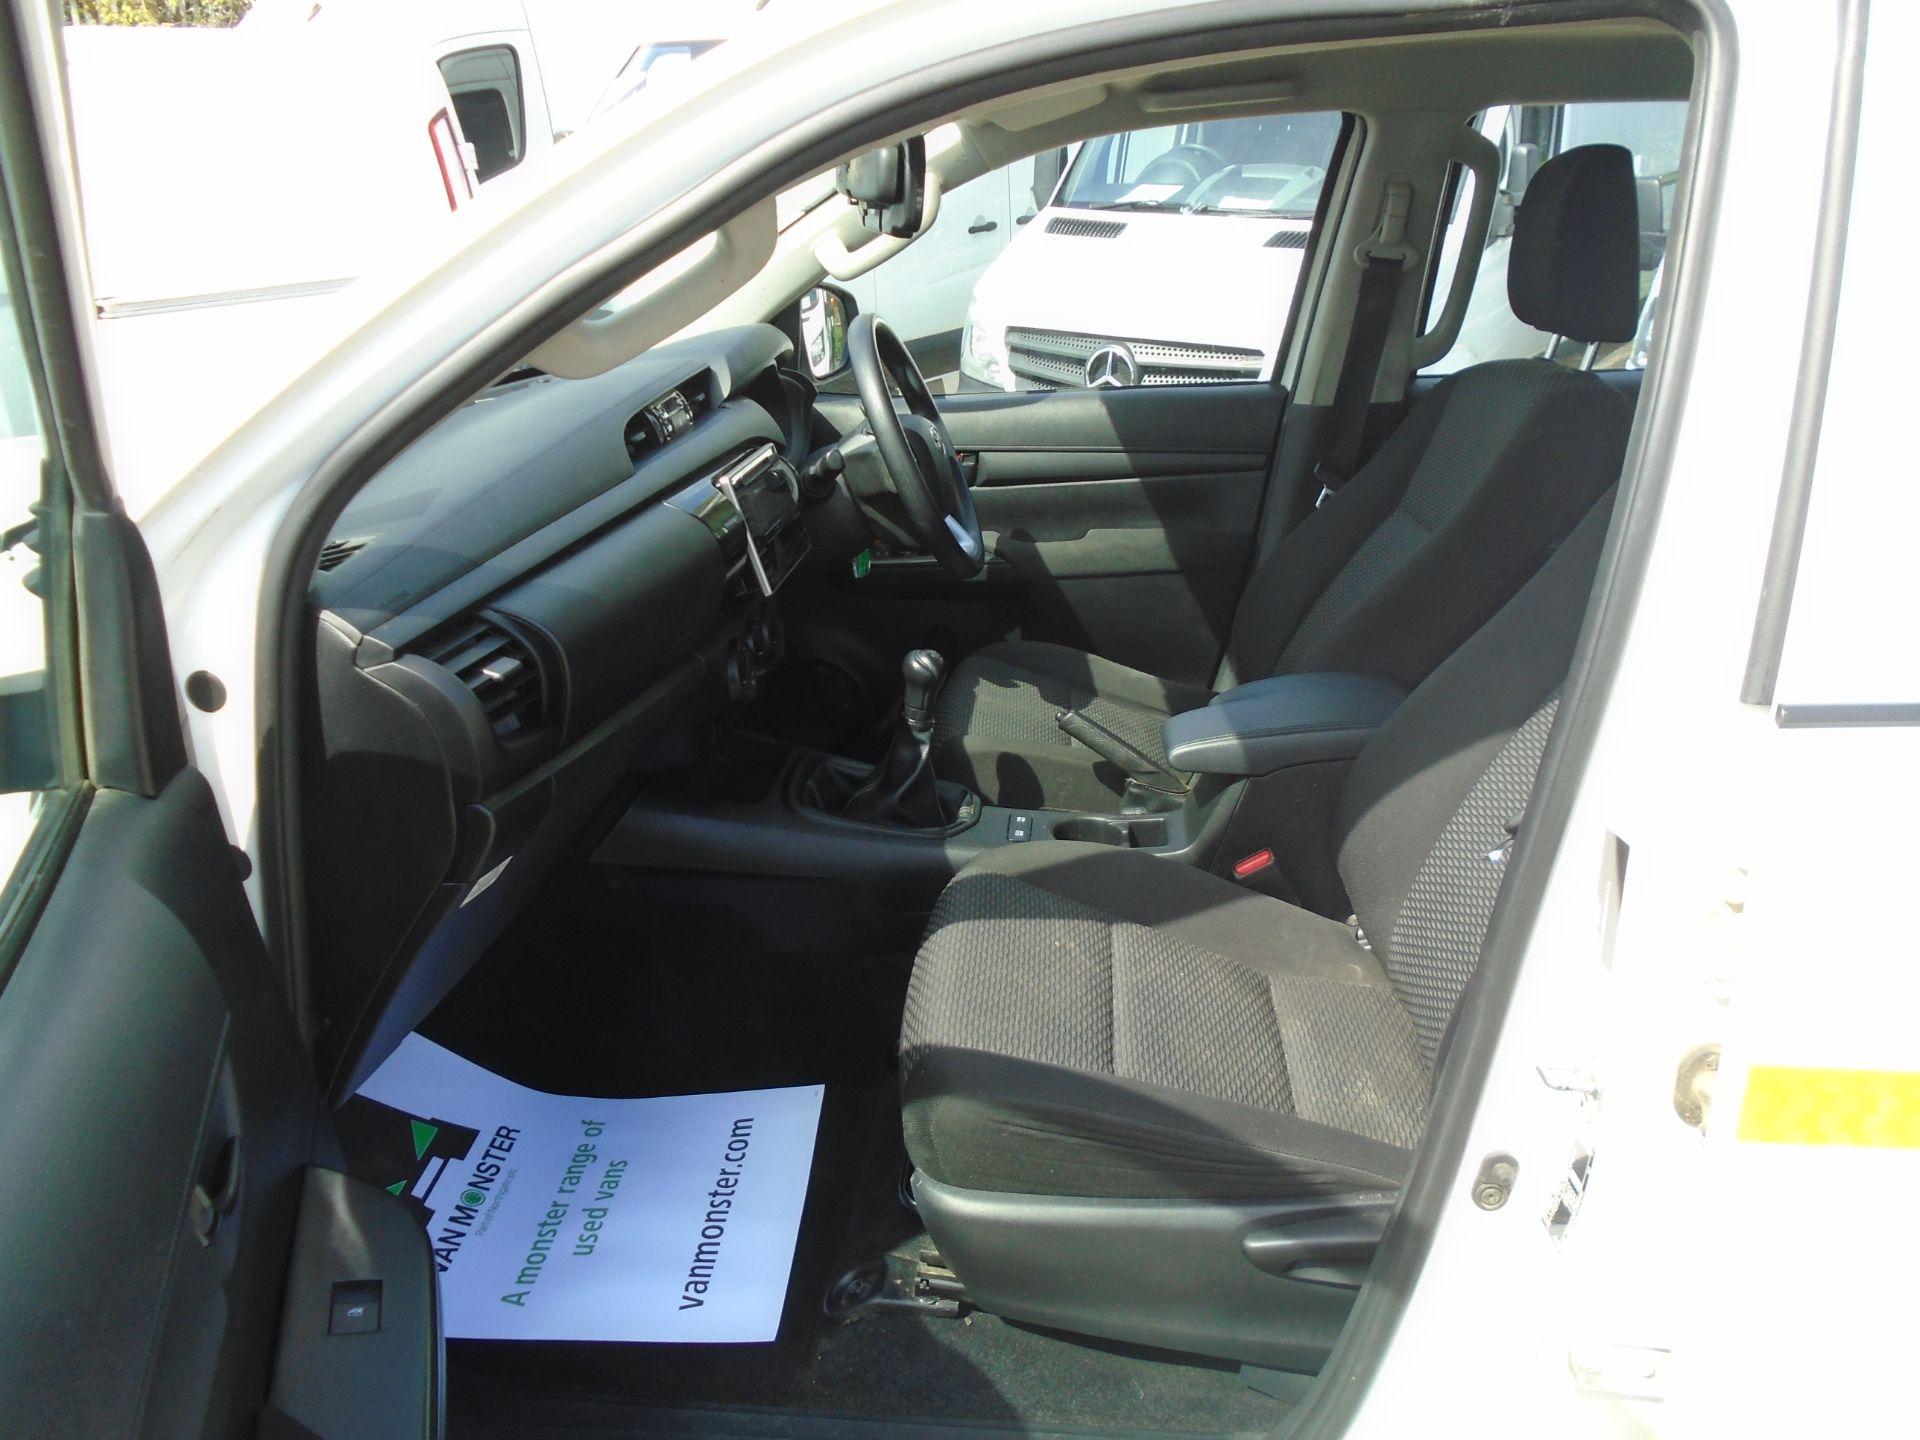 2017 Toyota Hilux Active D/Cab Pick Up 2.5 D-4D 4Wd 144 (NX67PGE) Image 17